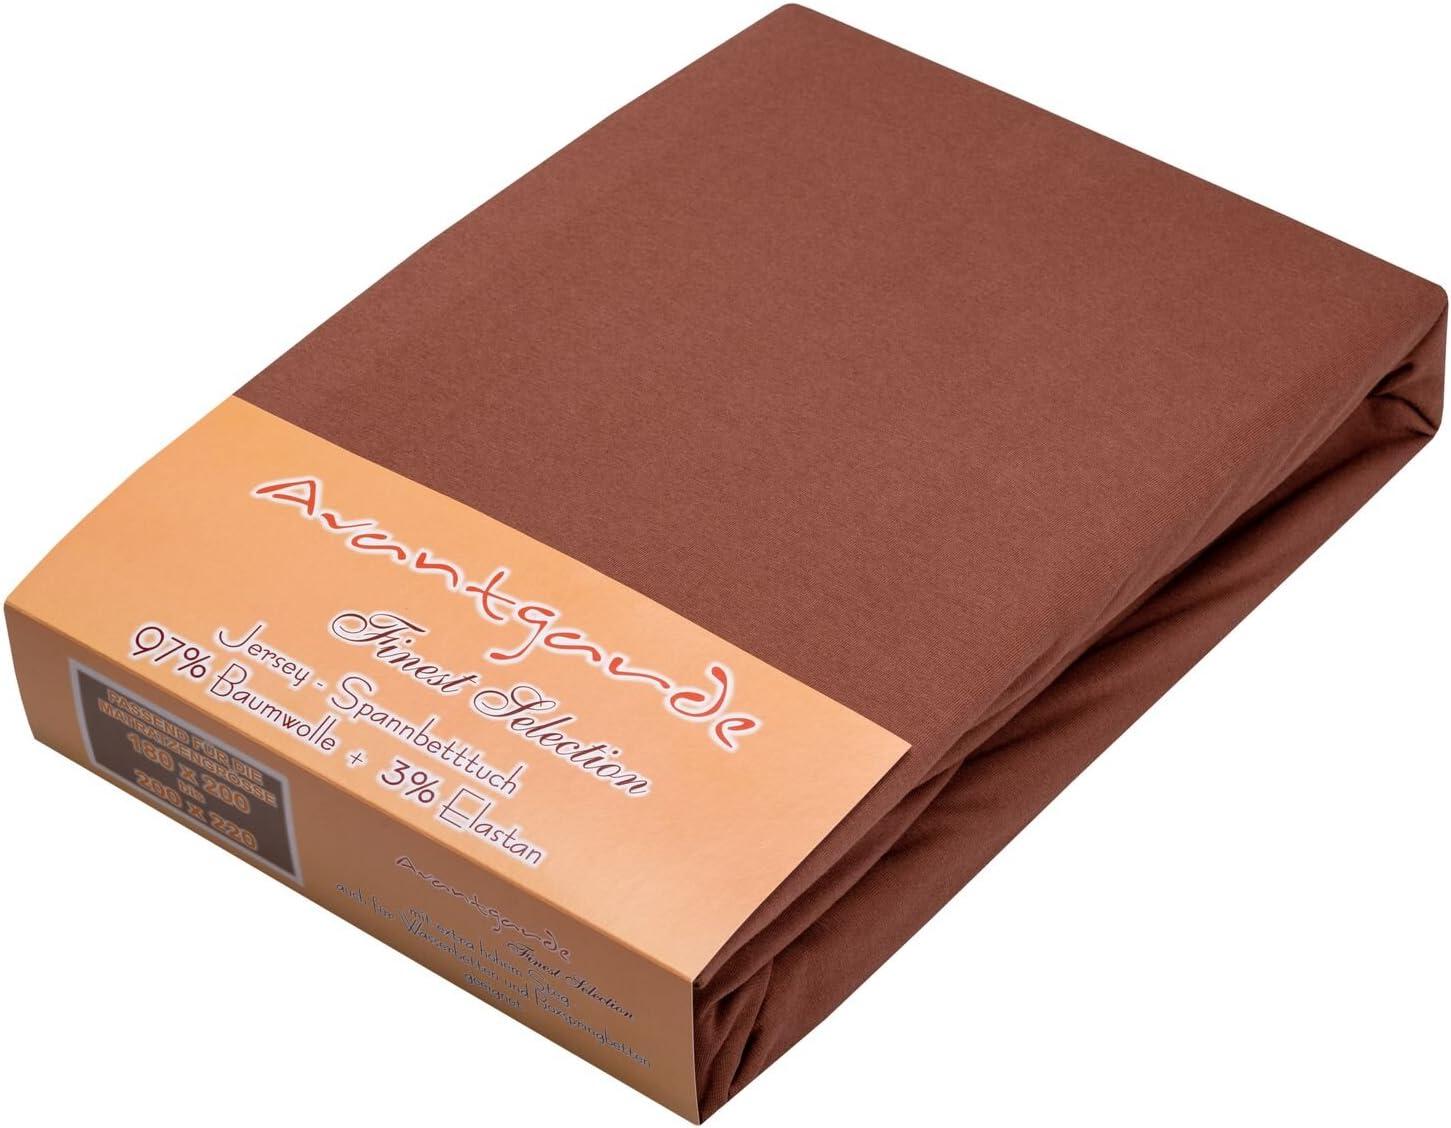 PREMIUM SPANNBETTLAKEN EXTRA HOHER 40cm-STEG WASSERBETT /& BOXSPRINGBETT /√ 1,3 kg /√ 97/% MAKO-JERSEY-BAUMWOLLE /√ 3/% ELASTAN /√ 195g//m/² /√ BLICKDICHT /√ EINLAUFSCHUTZ /√ orange, 180x200-200x220